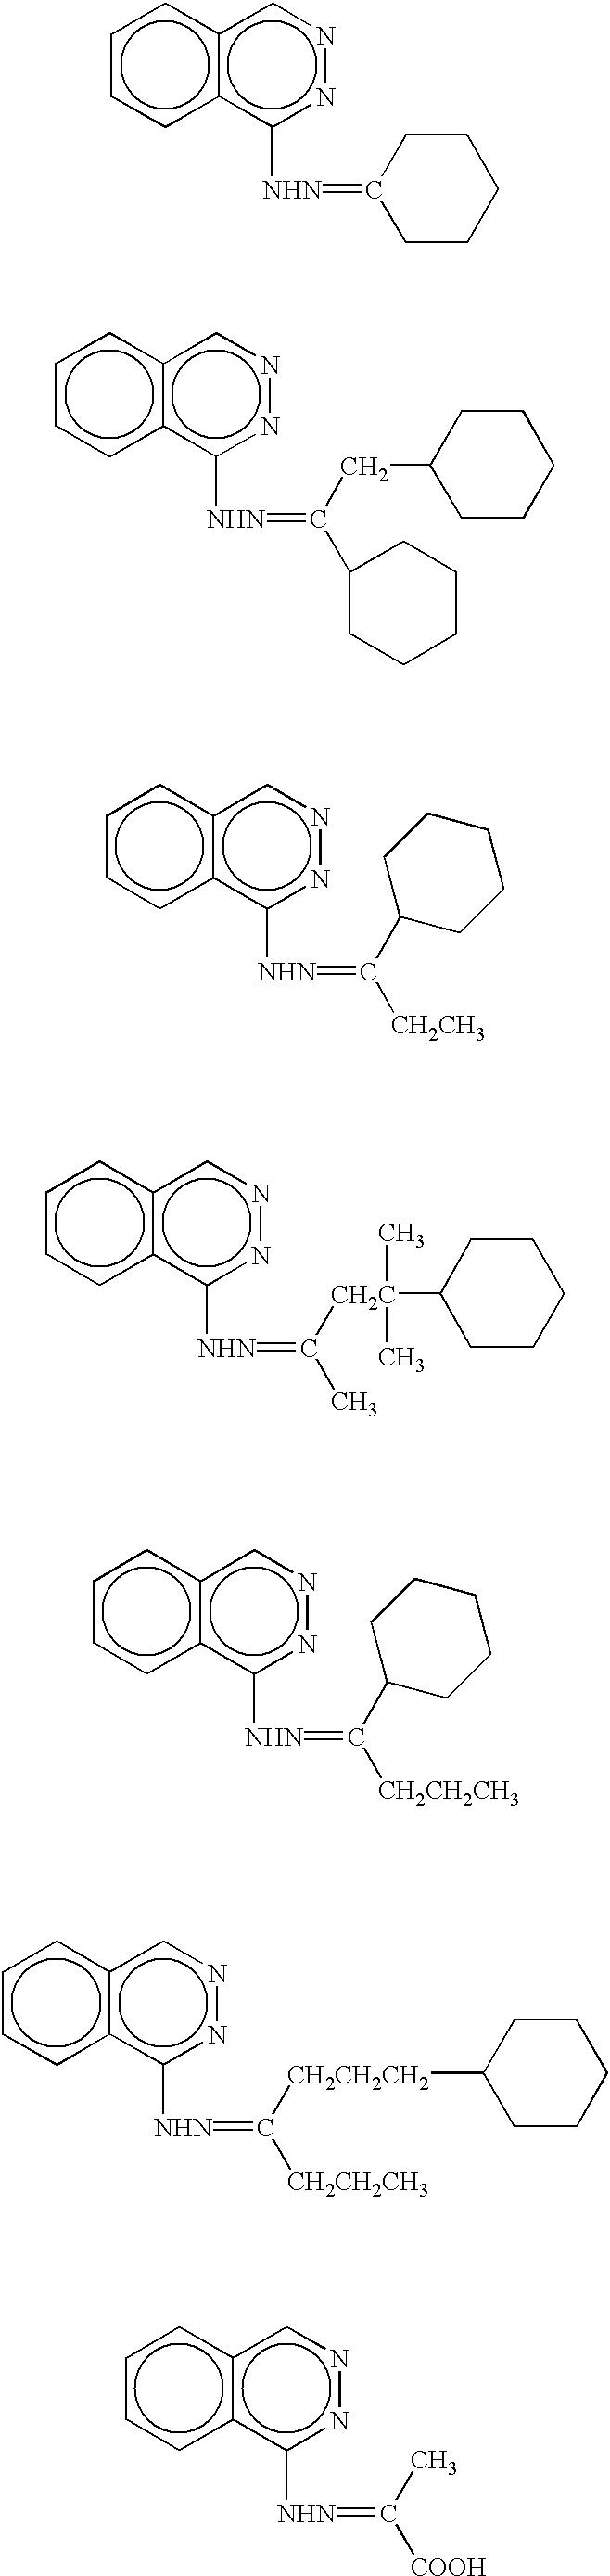 Figure US06825196-20041130-C00050